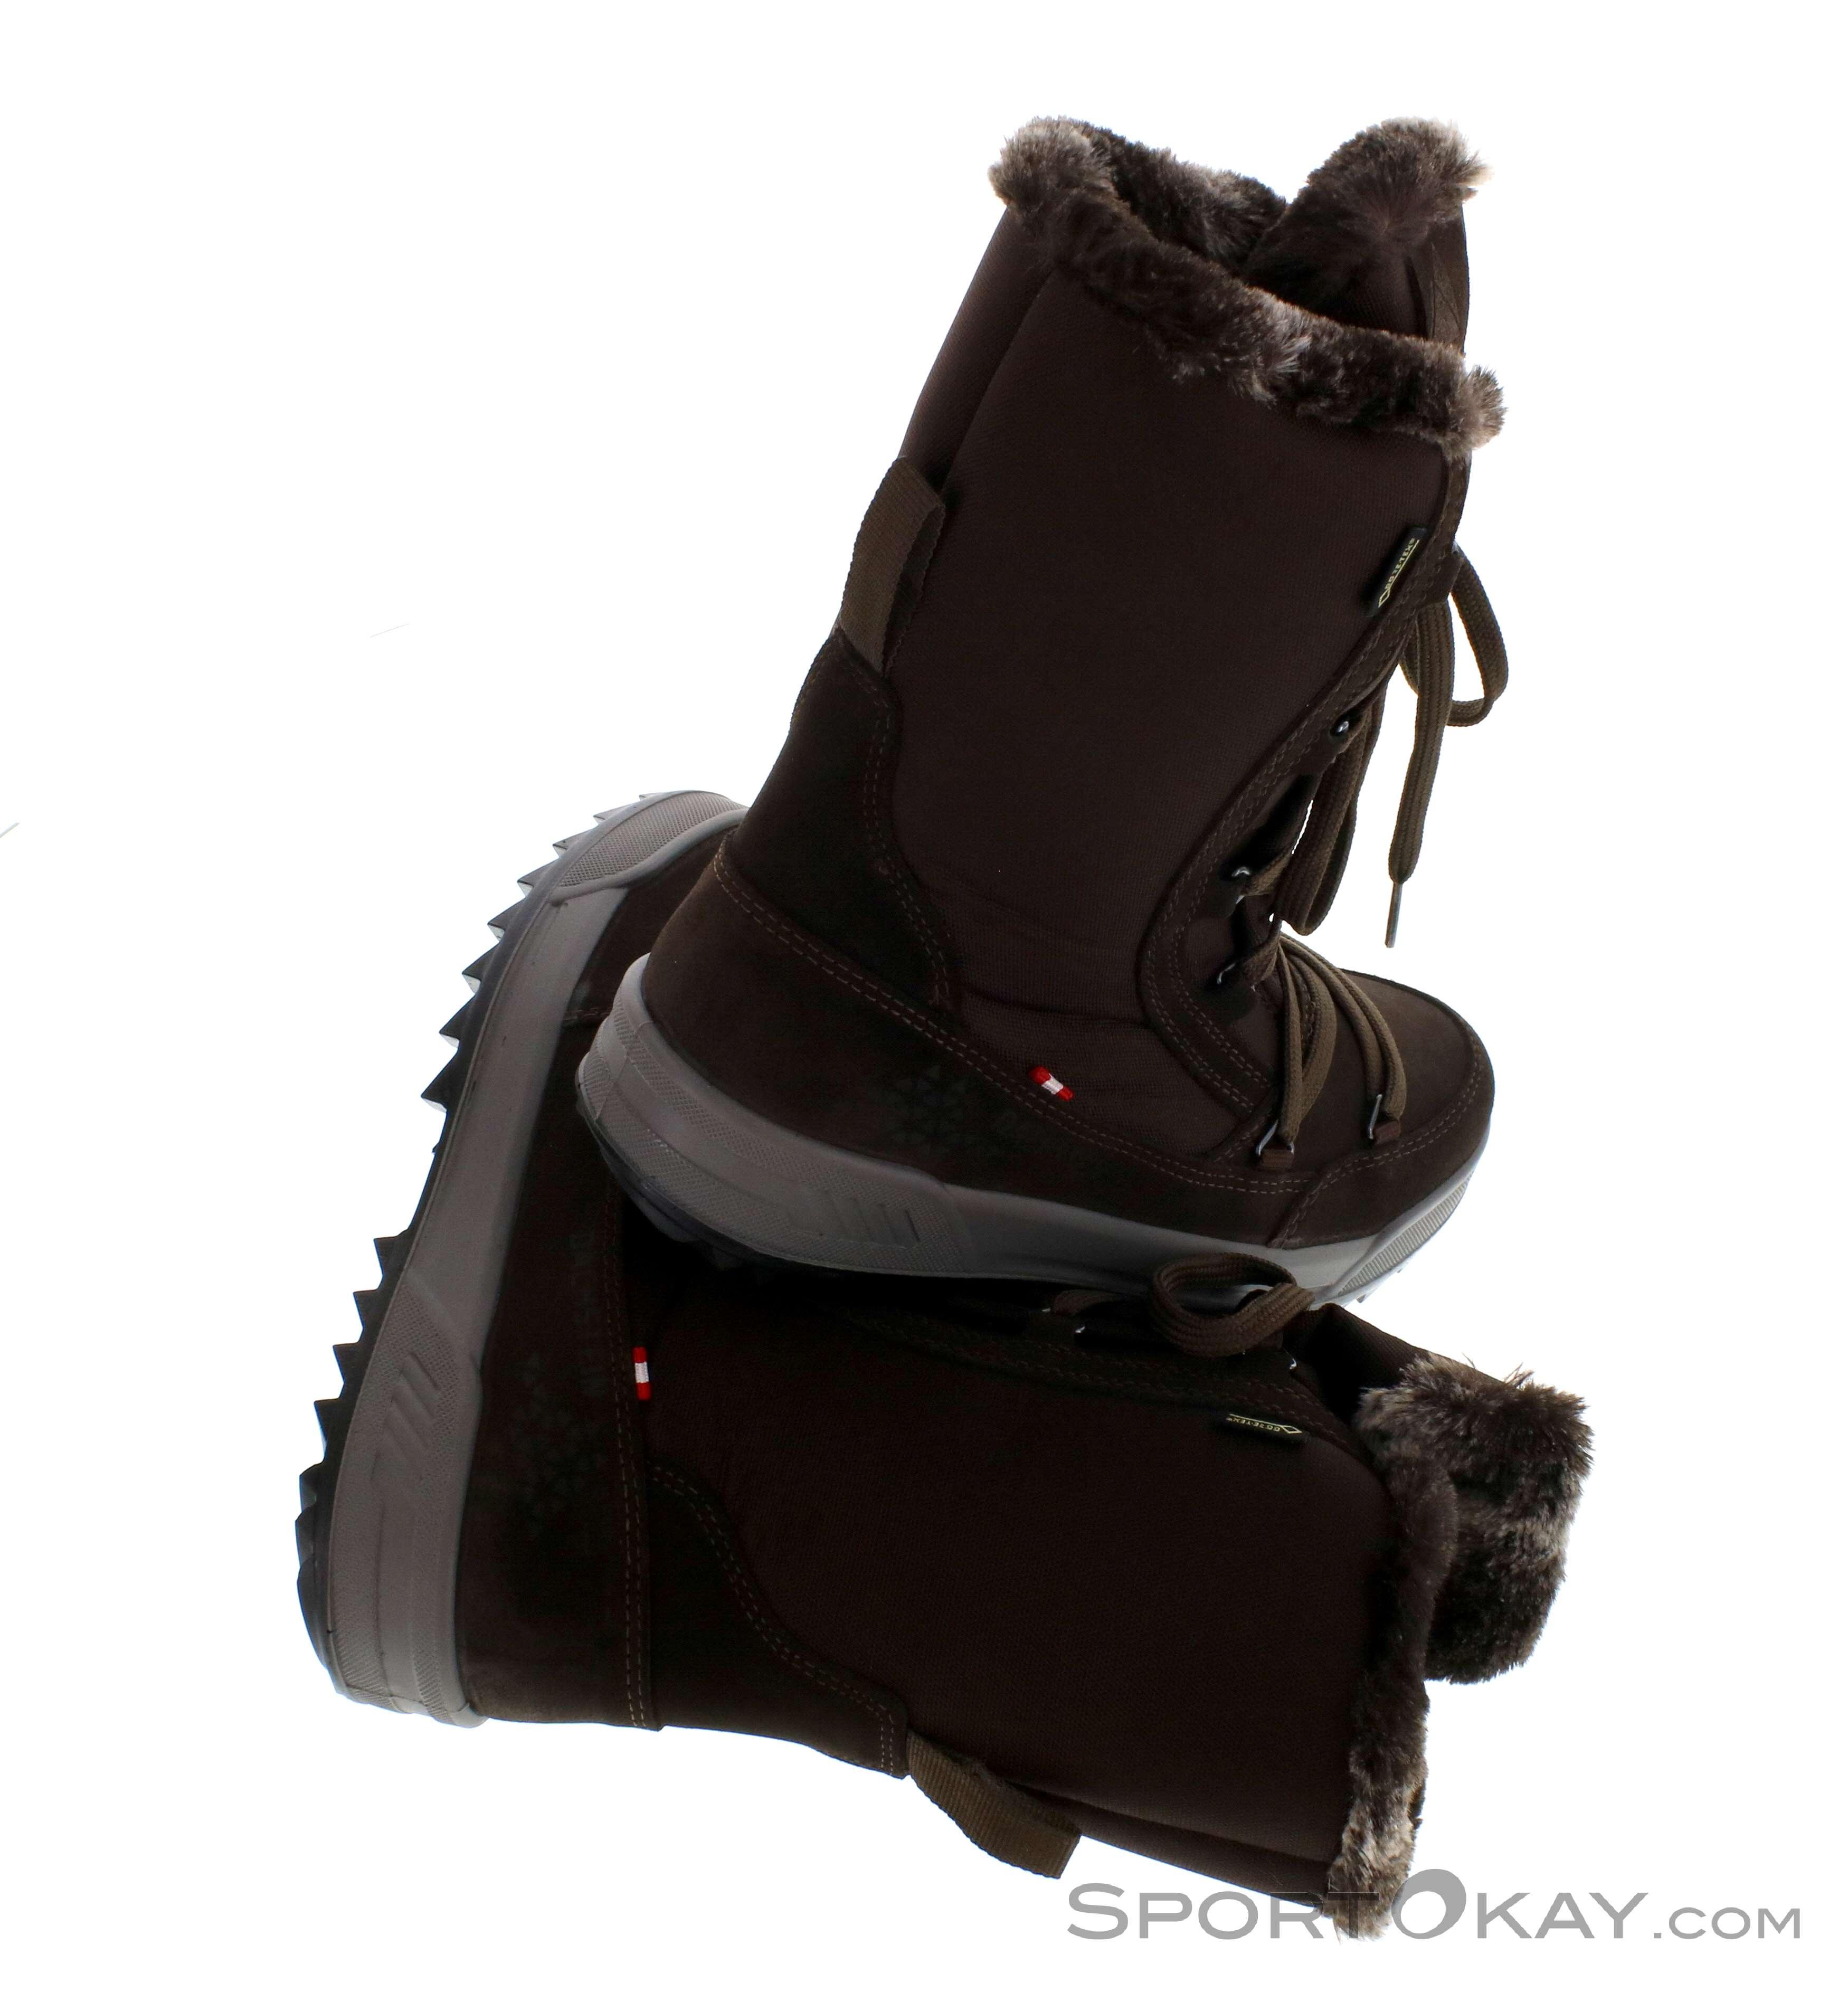 c17e5e47186b9 Dachstein Hannah GTX Womens Winter Shoes Gore-Tex , Dachstein, Brown, ,  Female